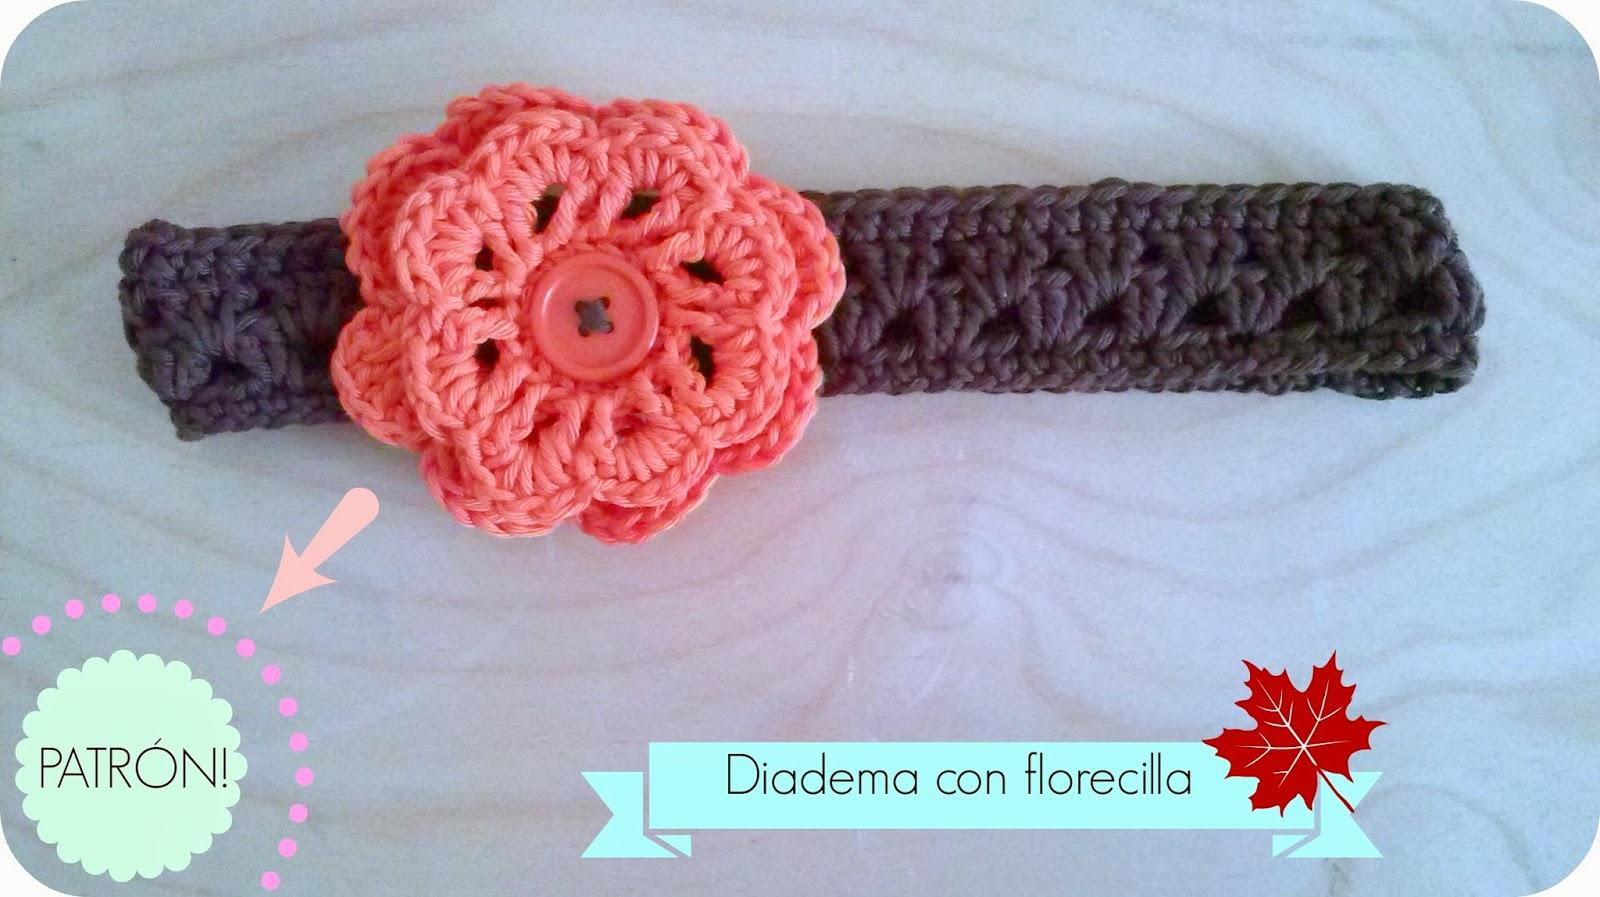 Happy Ganchillo Diadema De Otono Patron - Diadema-ganchillo